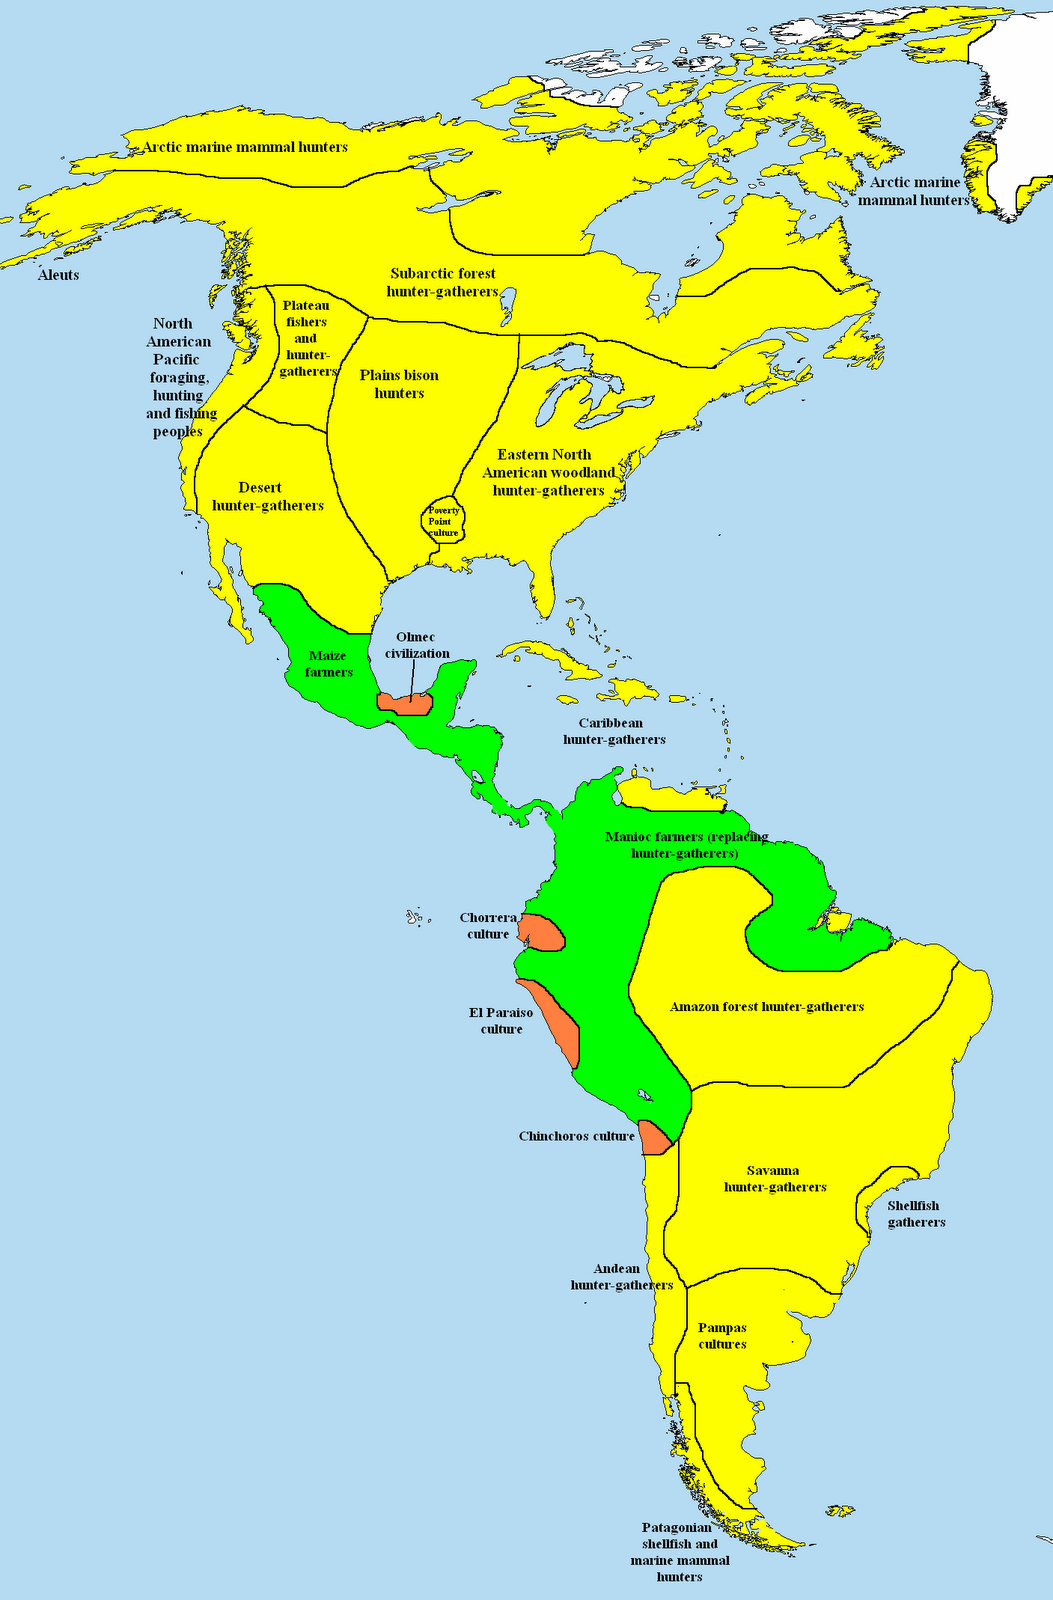 Mapa Precolombino De America - Mapa de united states